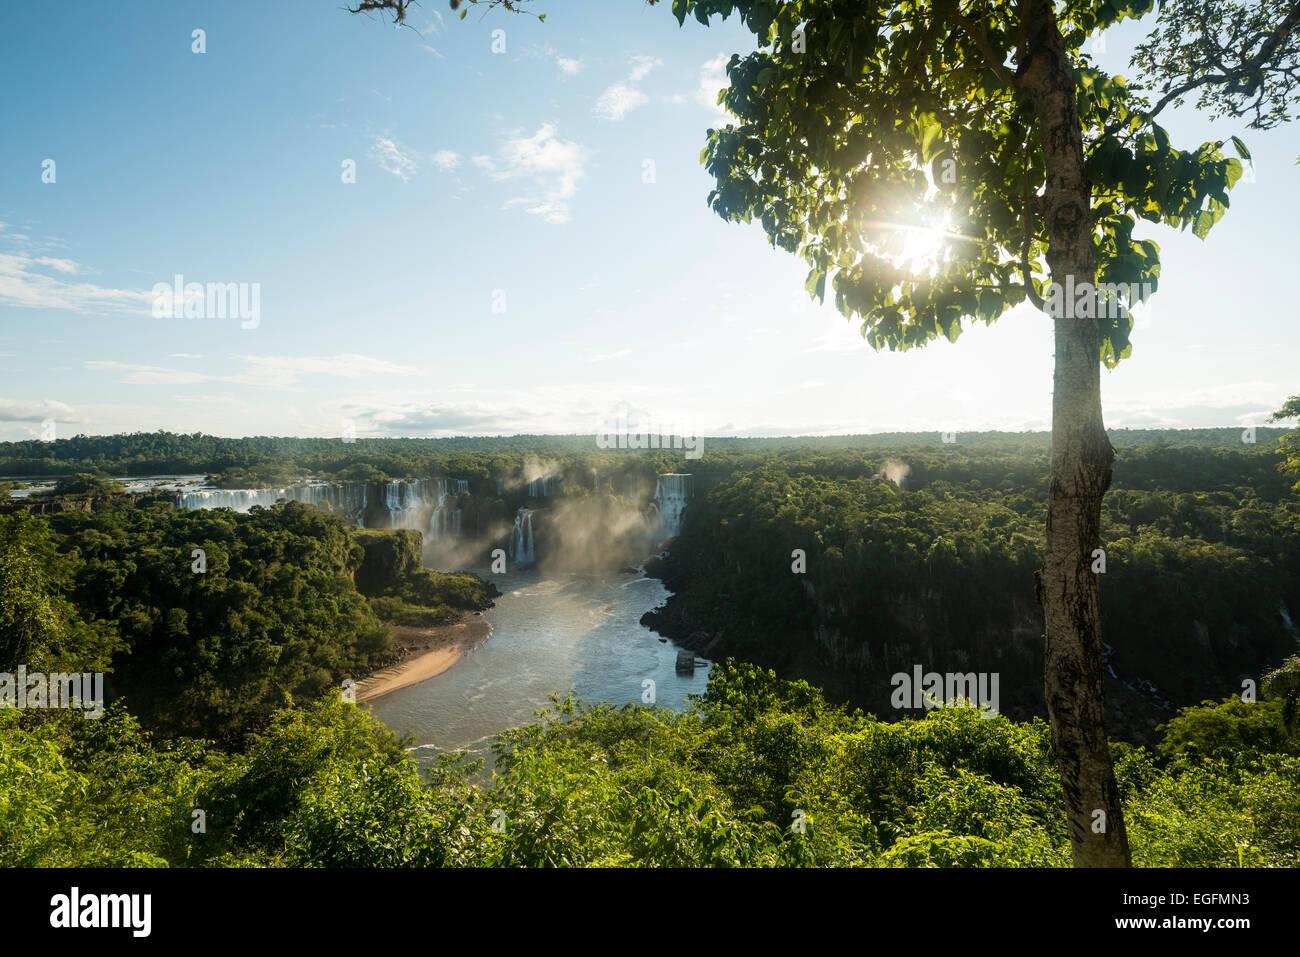 Avis de 'The Grand Fourwings Convention Das Cataratas', Foz do Iguaçu, Parque Nacional do Iguaçu, Photo Stock